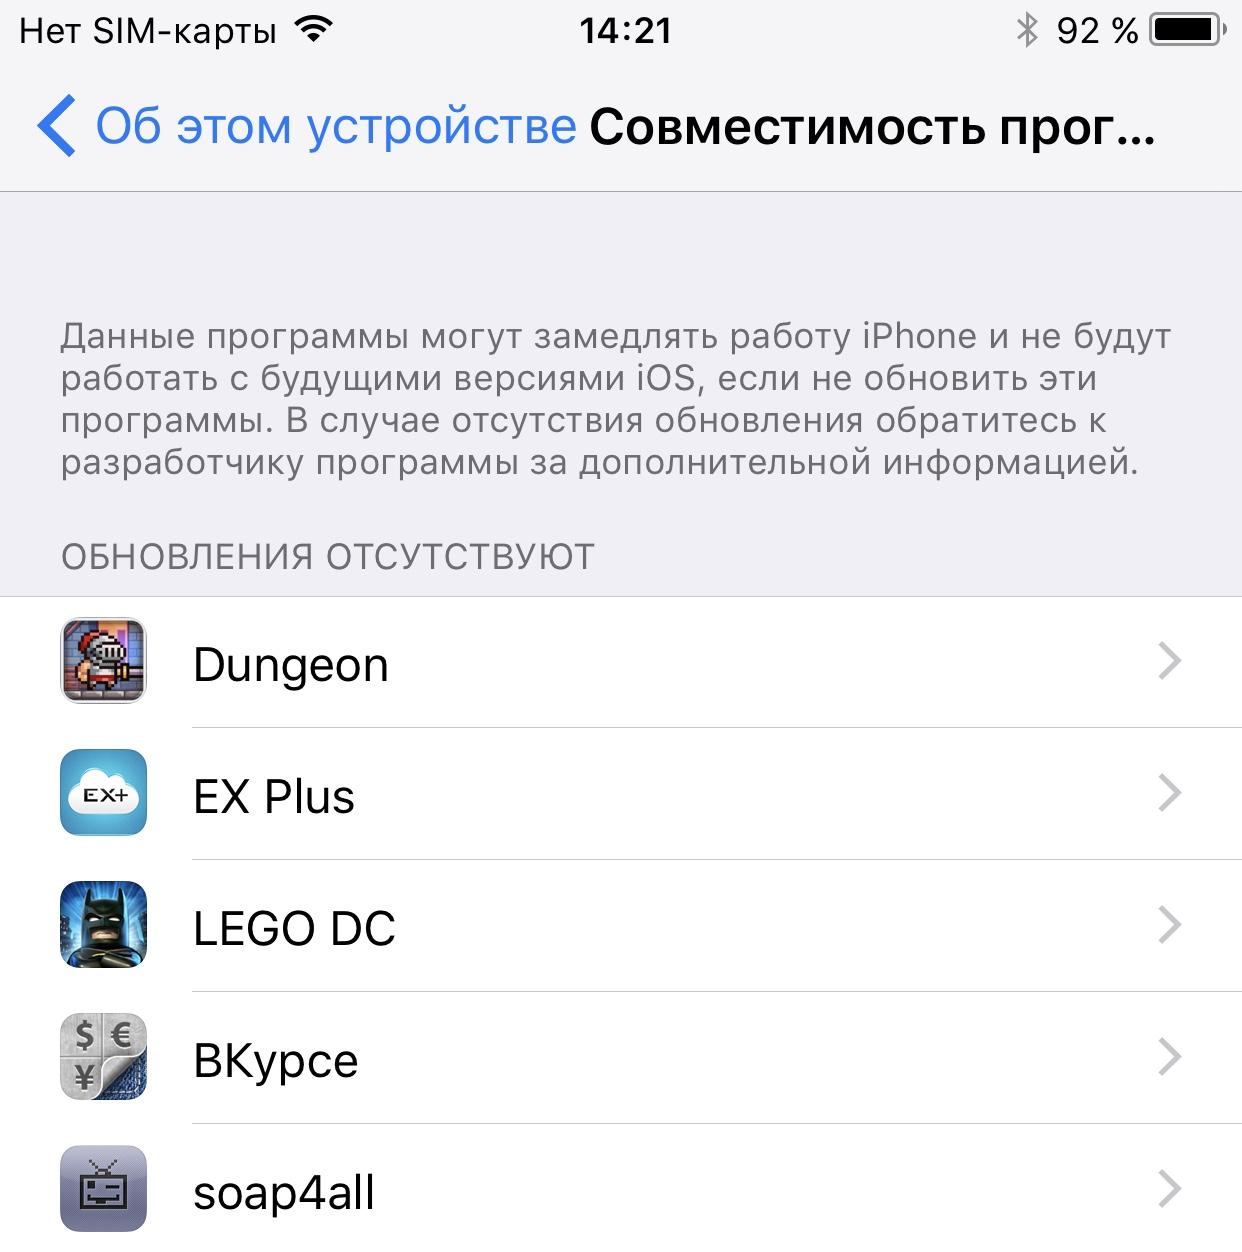 Будут ли работать мои программы и игры на iOS 11. Как проверить?